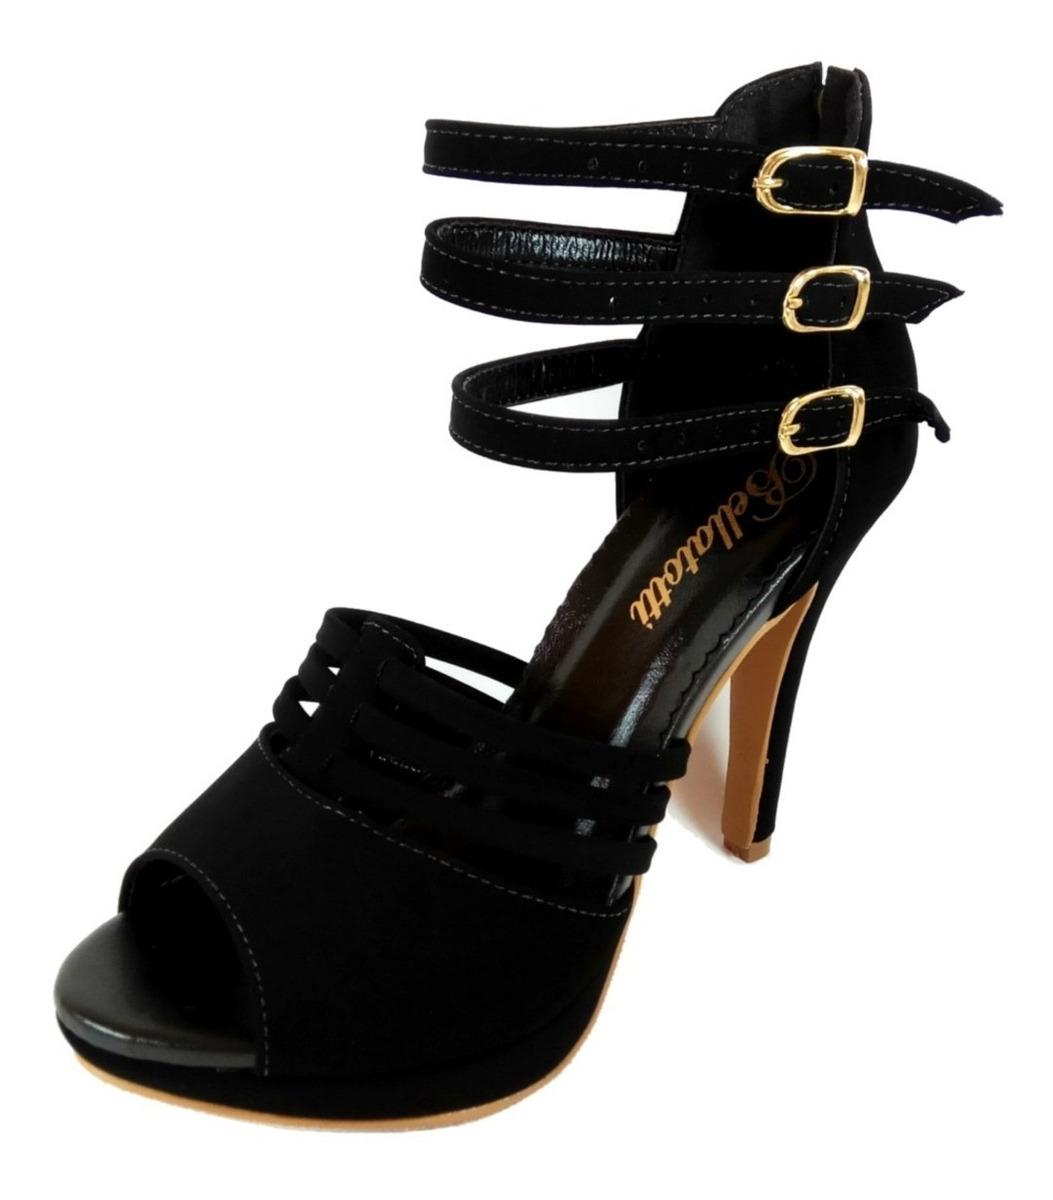 1c663a6c9 Sapato Salto Alto Feminino Casamento Formatura - R$ 119,44 em ...